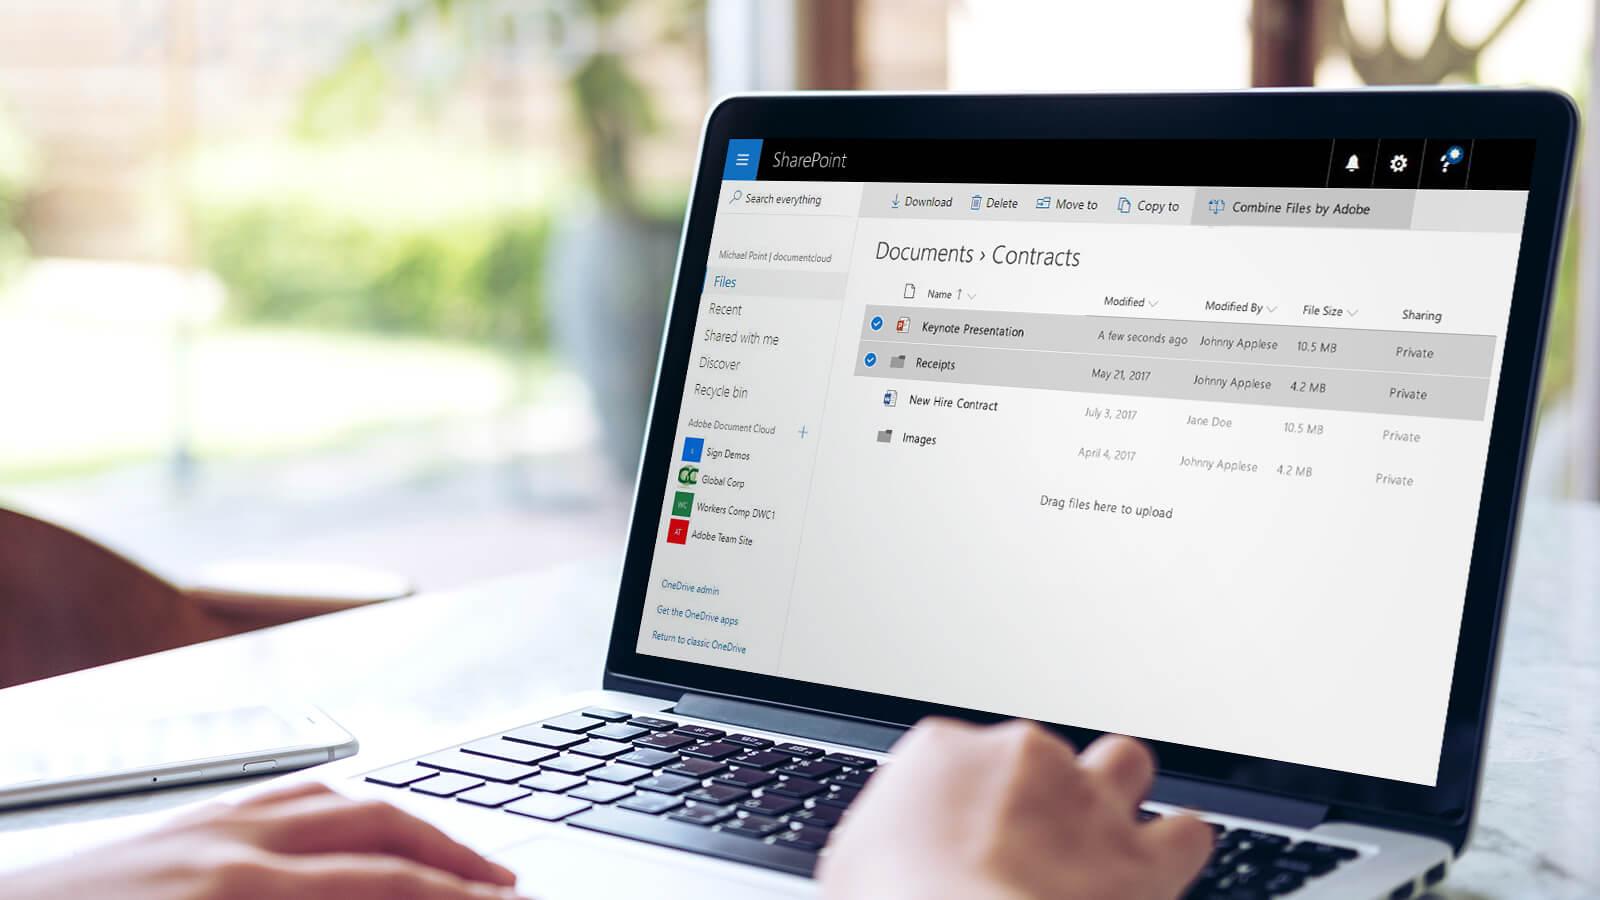 Adobe mejora la integración de sus servicios PDF con Office 365